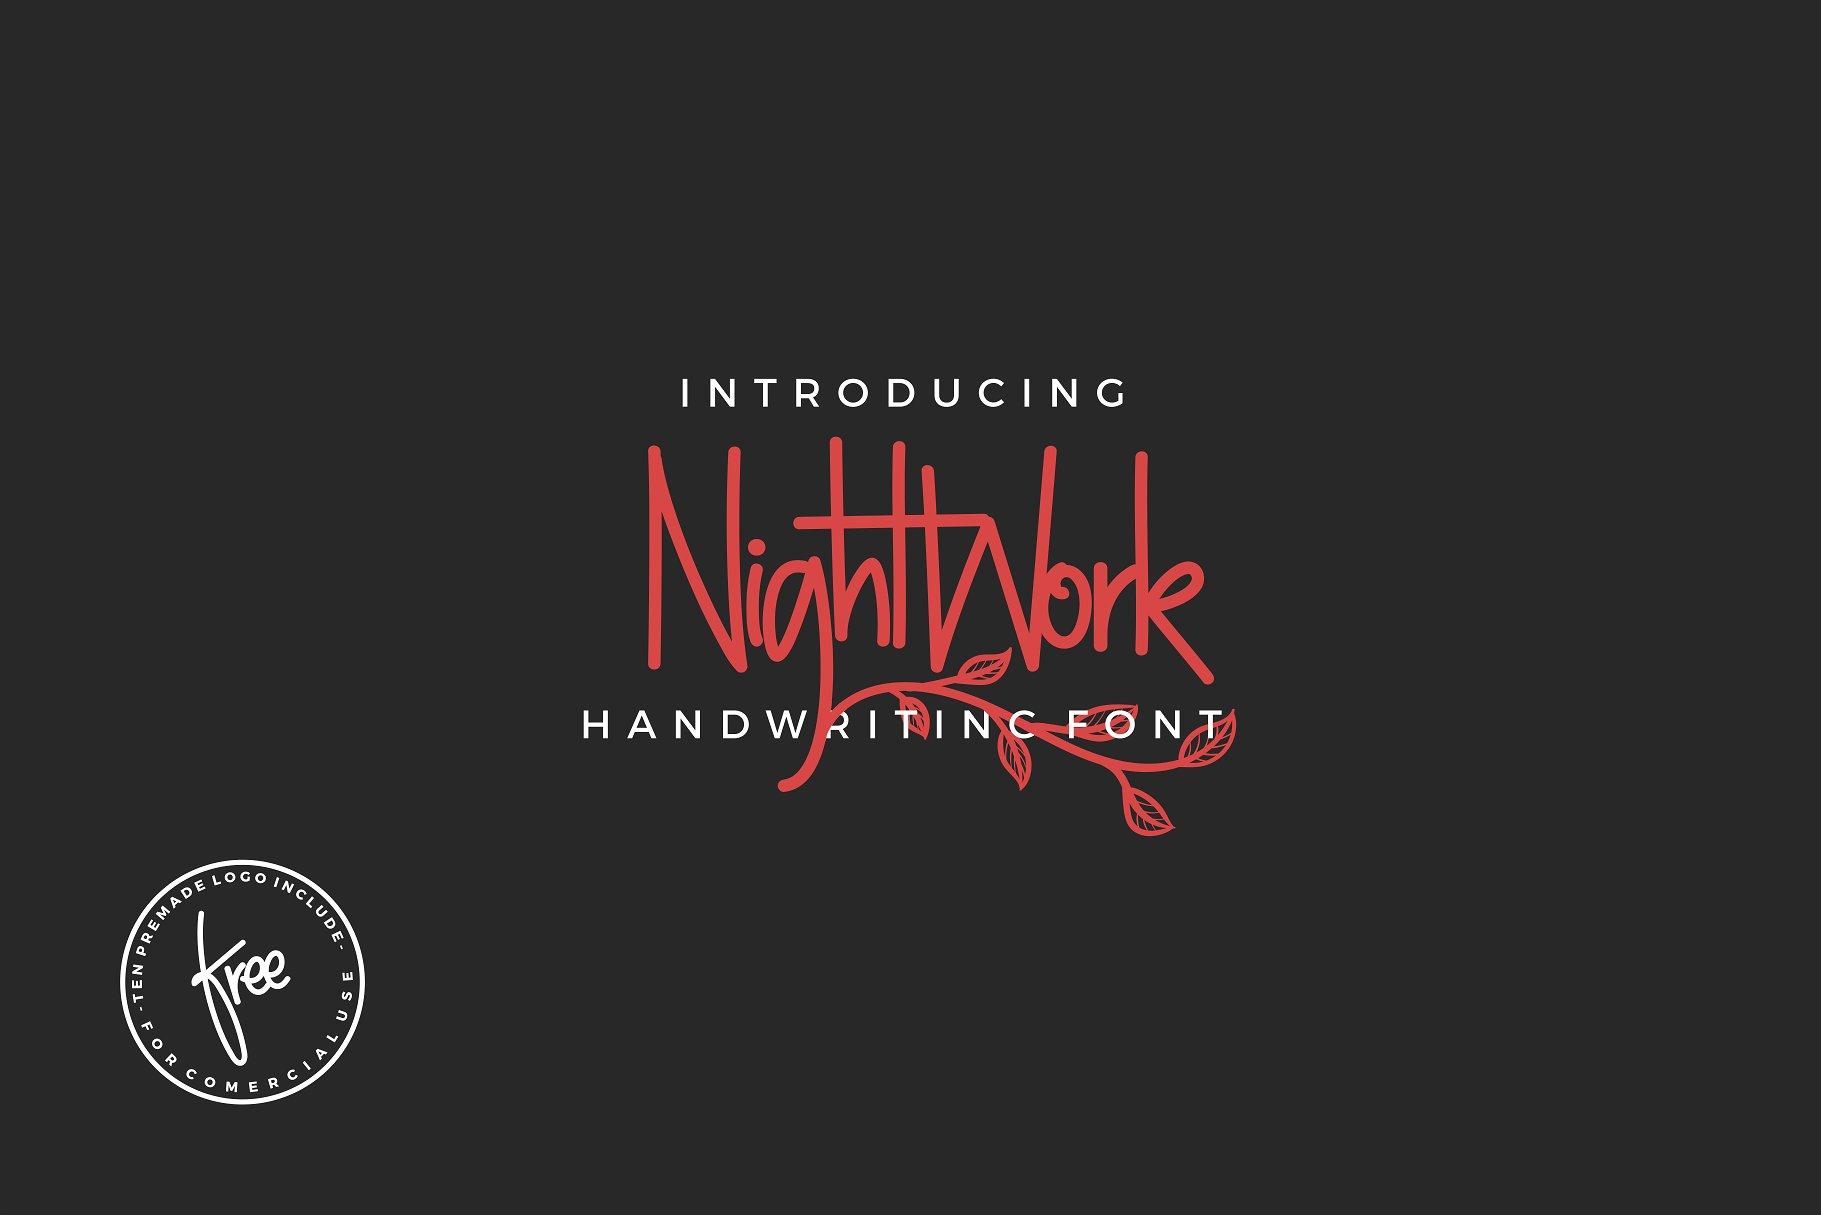 NightWork Handwriting